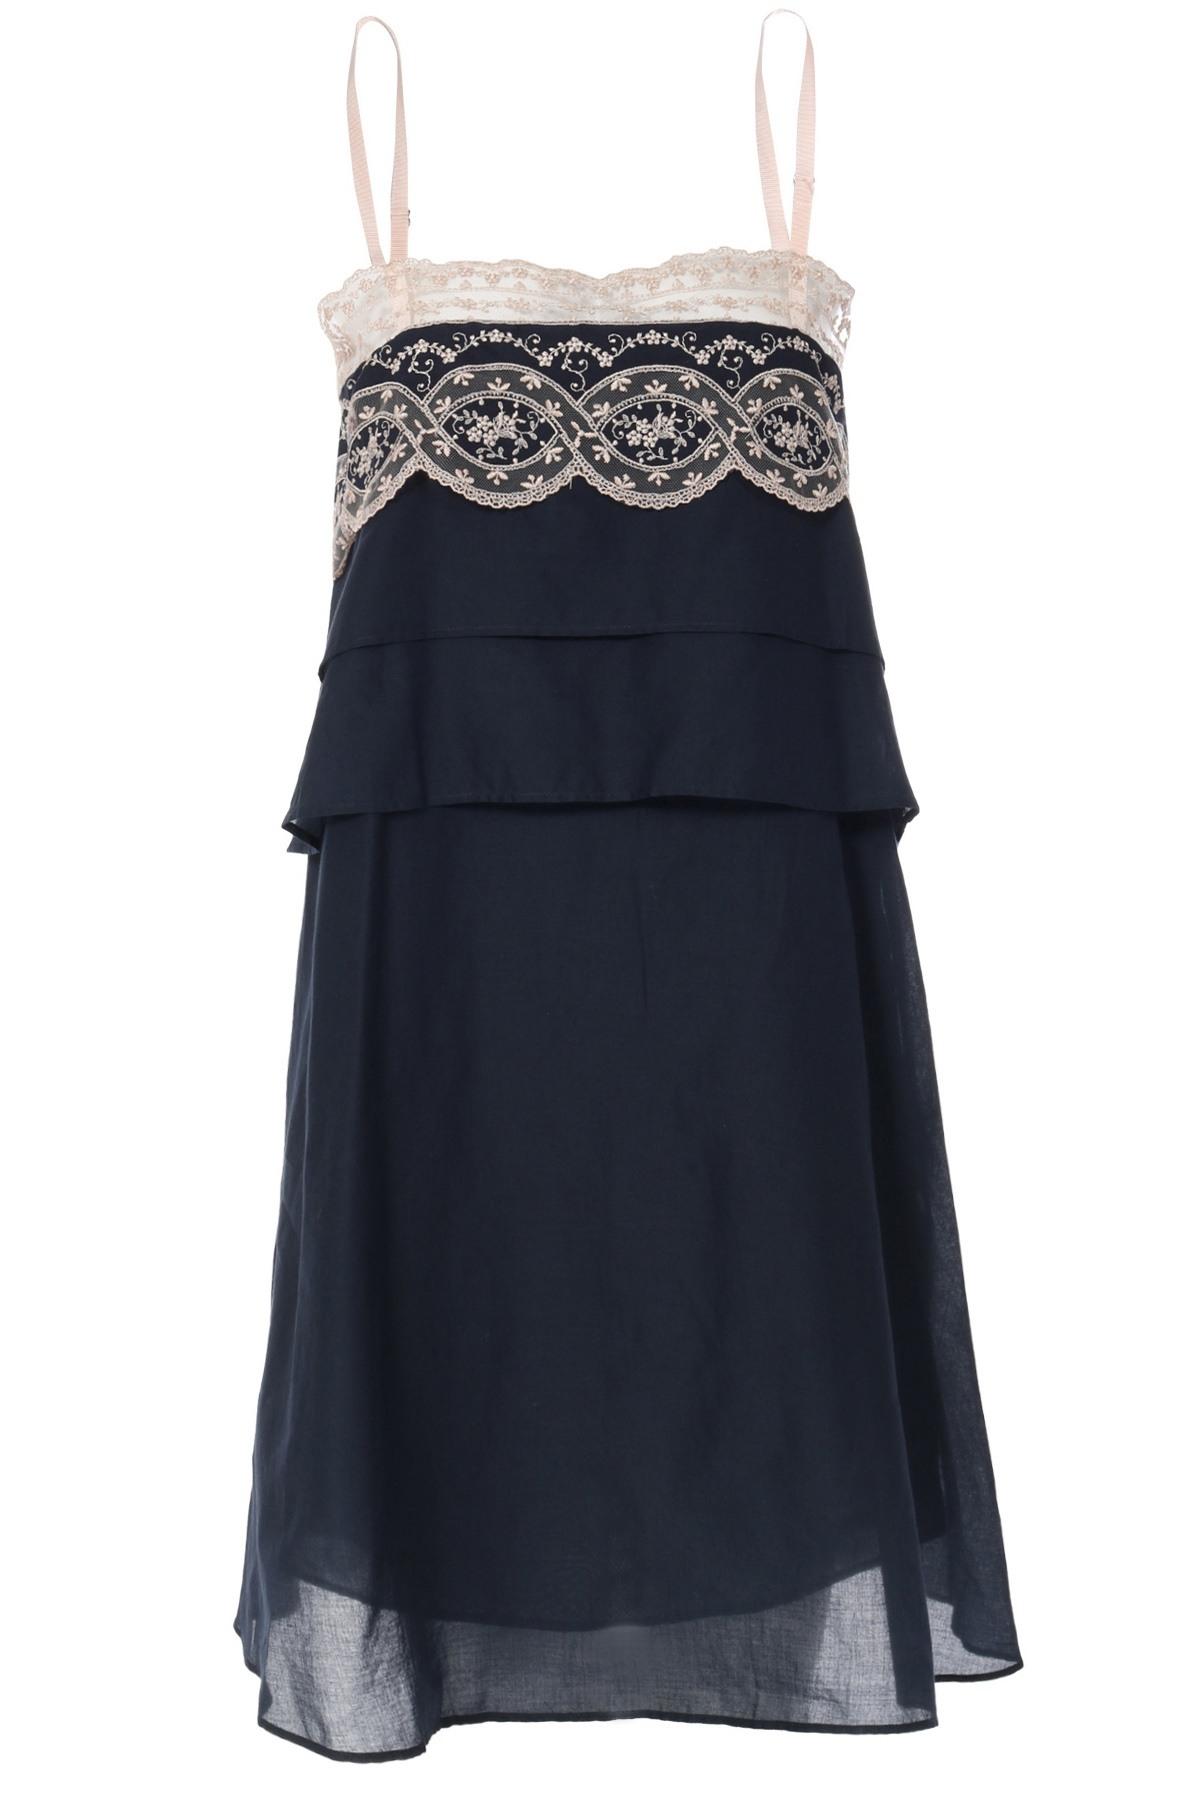 20 Ausgezeichnet Kleid Dunkelblau Langarm Design10 Schön Kleid Dunkelblau Langarm Boutique